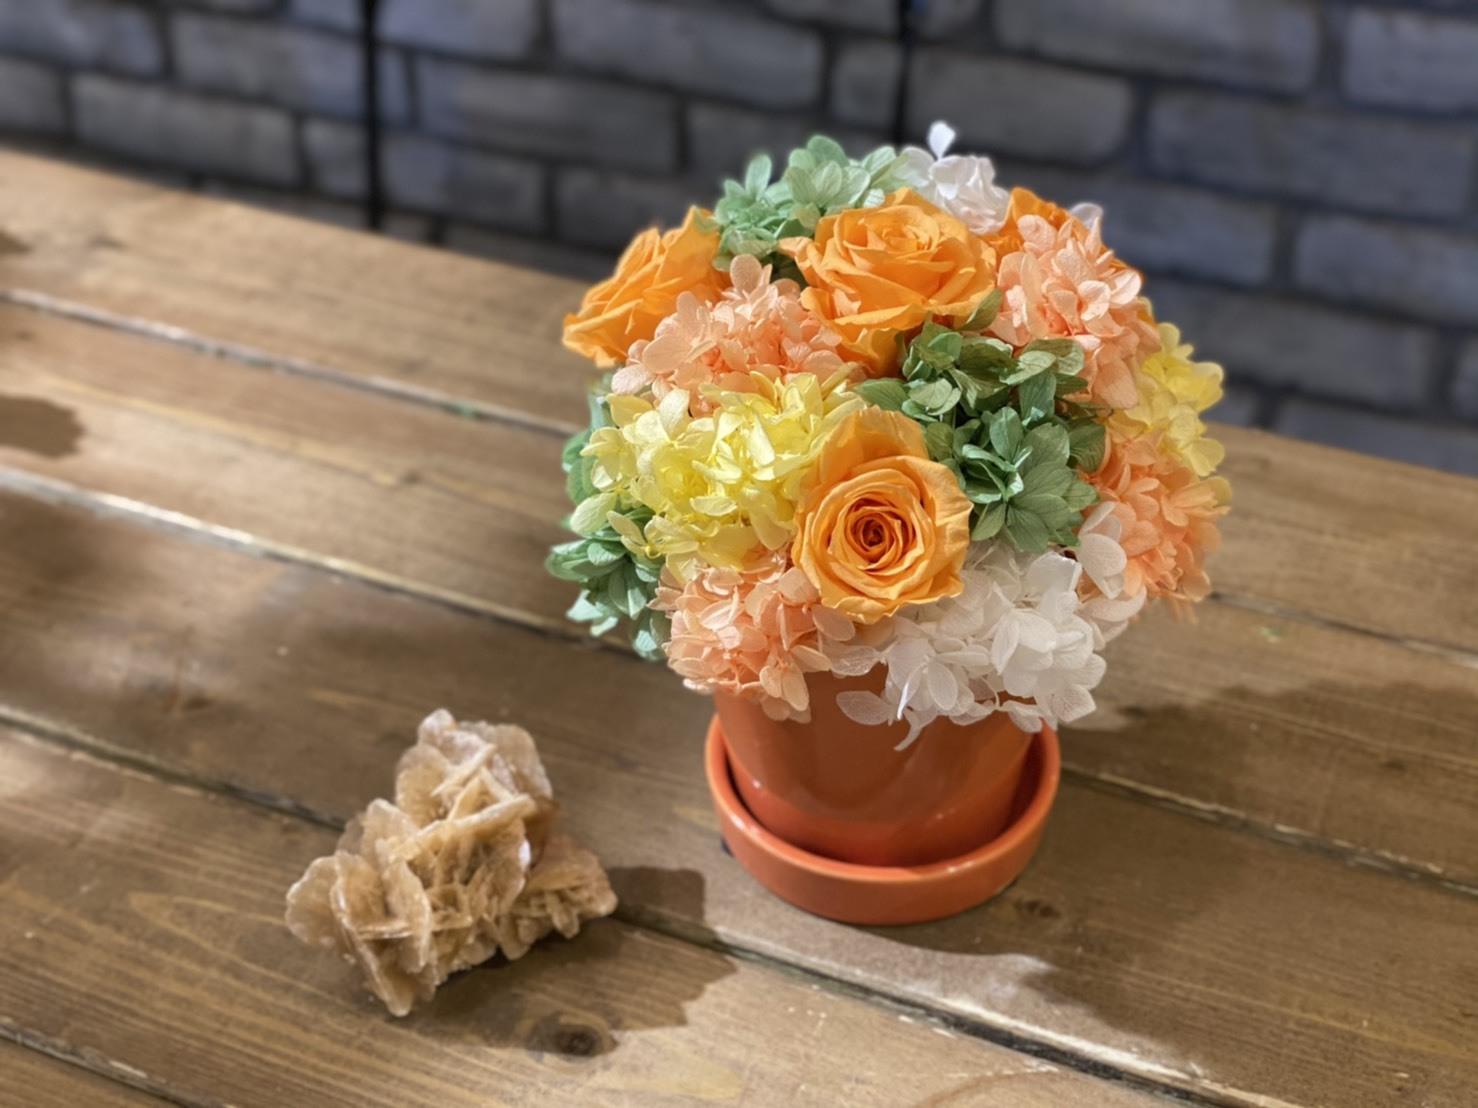 【母の日ギフト】プリザーブドフラワーアレンジメント オレンジイエロー